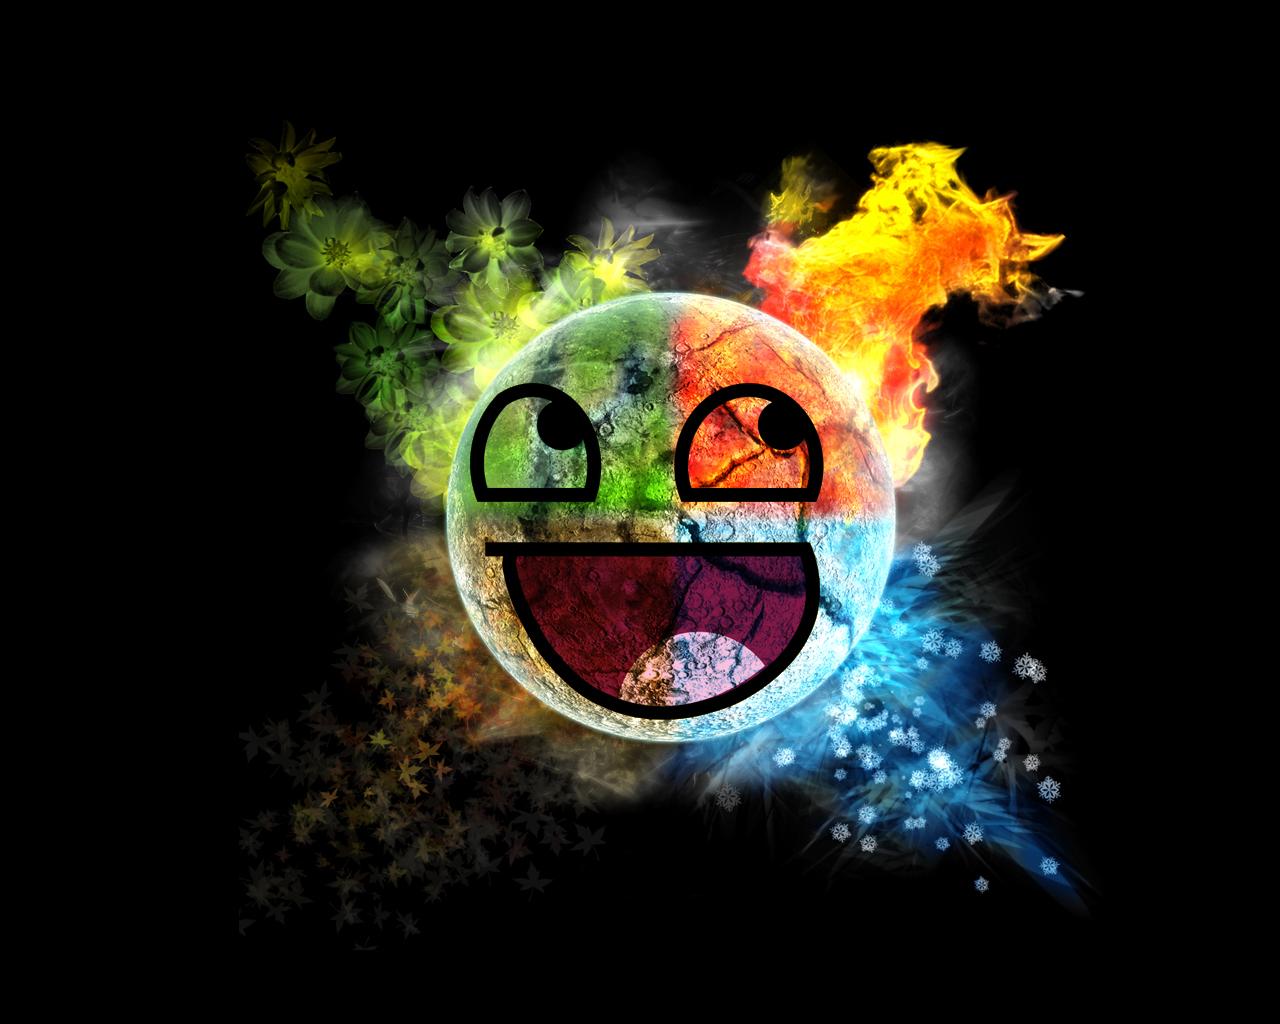 http://1.bp.blogspot.com/_mPcLB0NF3pM/TKN9CfbKrPI/AAAAAAAAAD8/iPaxoLWGeys/s1600/1281924224595.jpg